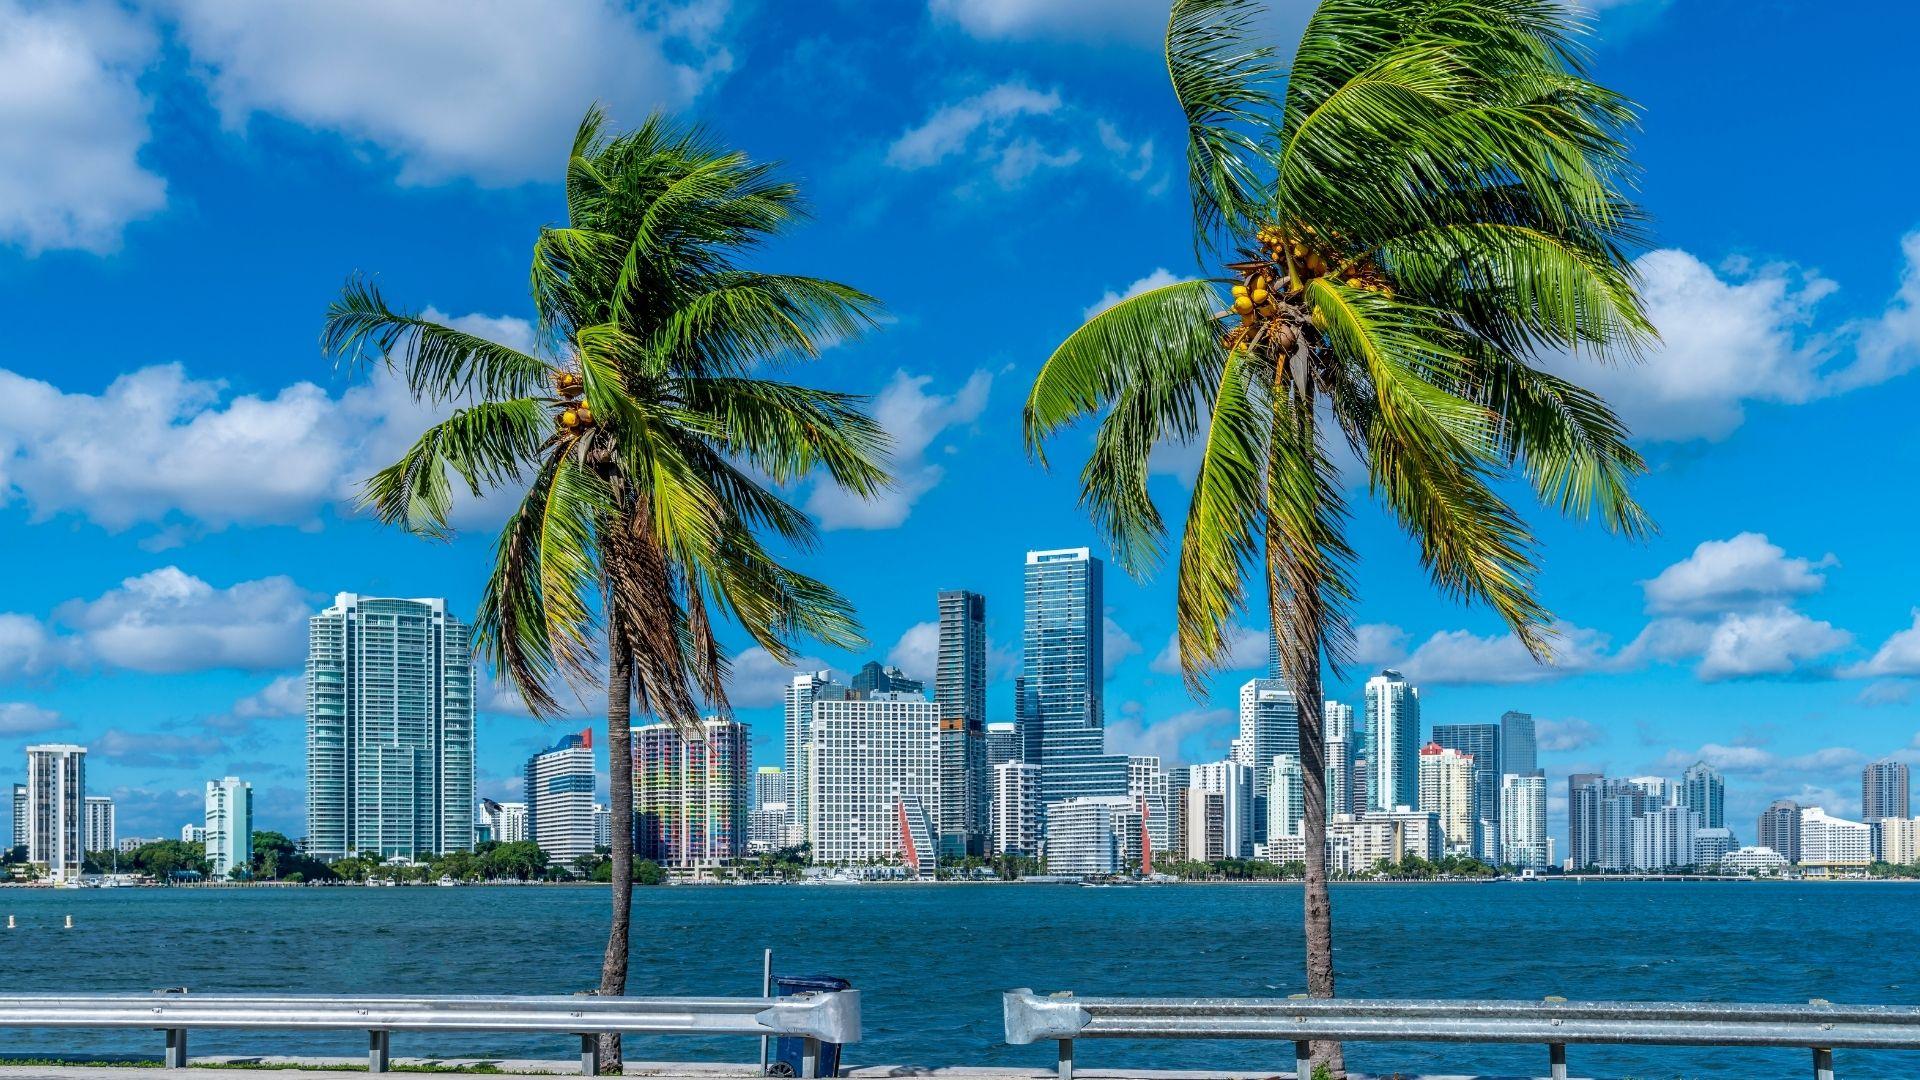 Amerika Turist Vizesi Nasıl Alınır? 1 – amerika turist vizesi 5